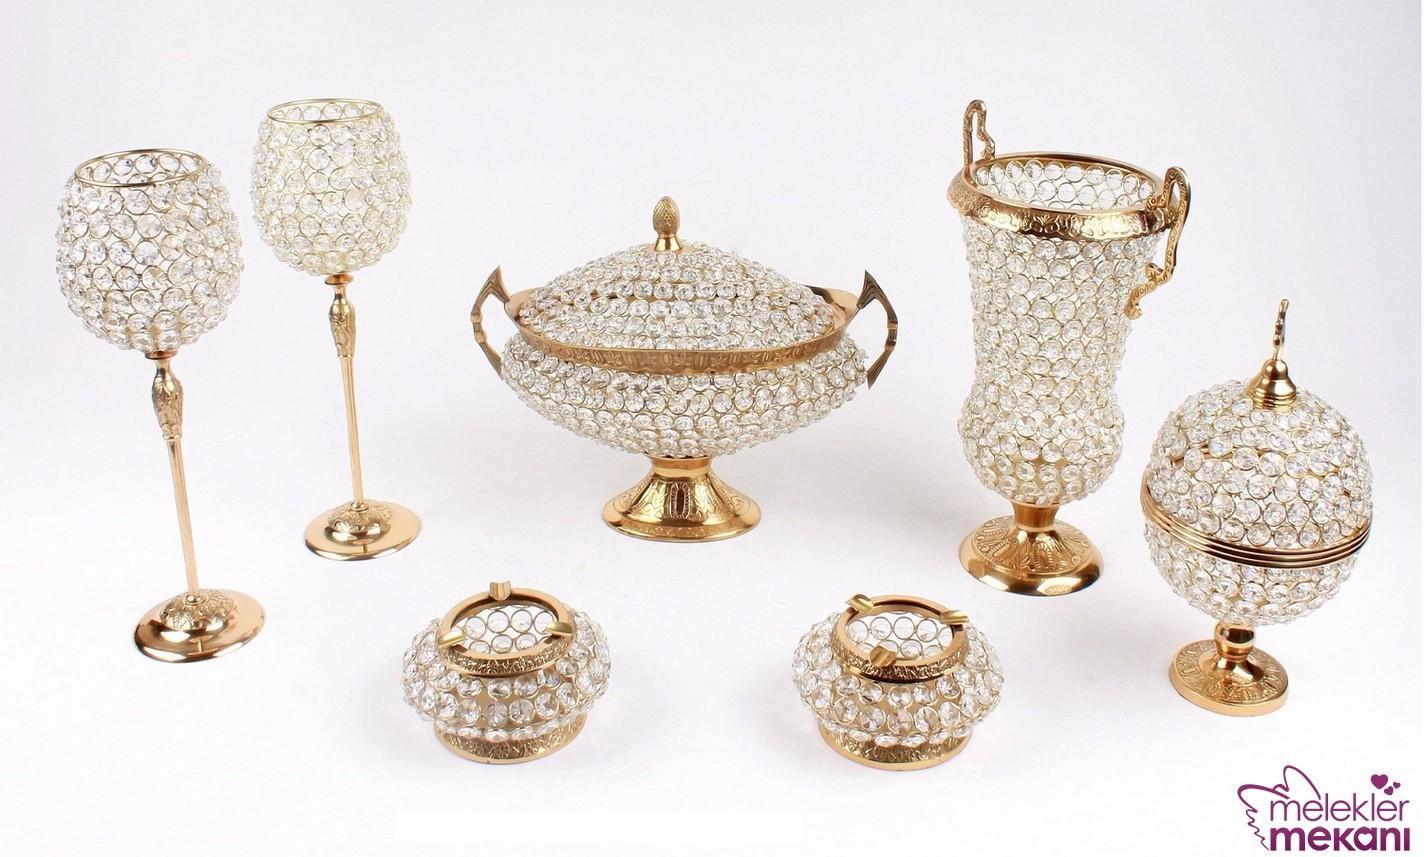 Dekoratif salon aksesuar kristal set ile salon görünümlerinize estetik kazandırabilirsiniz.